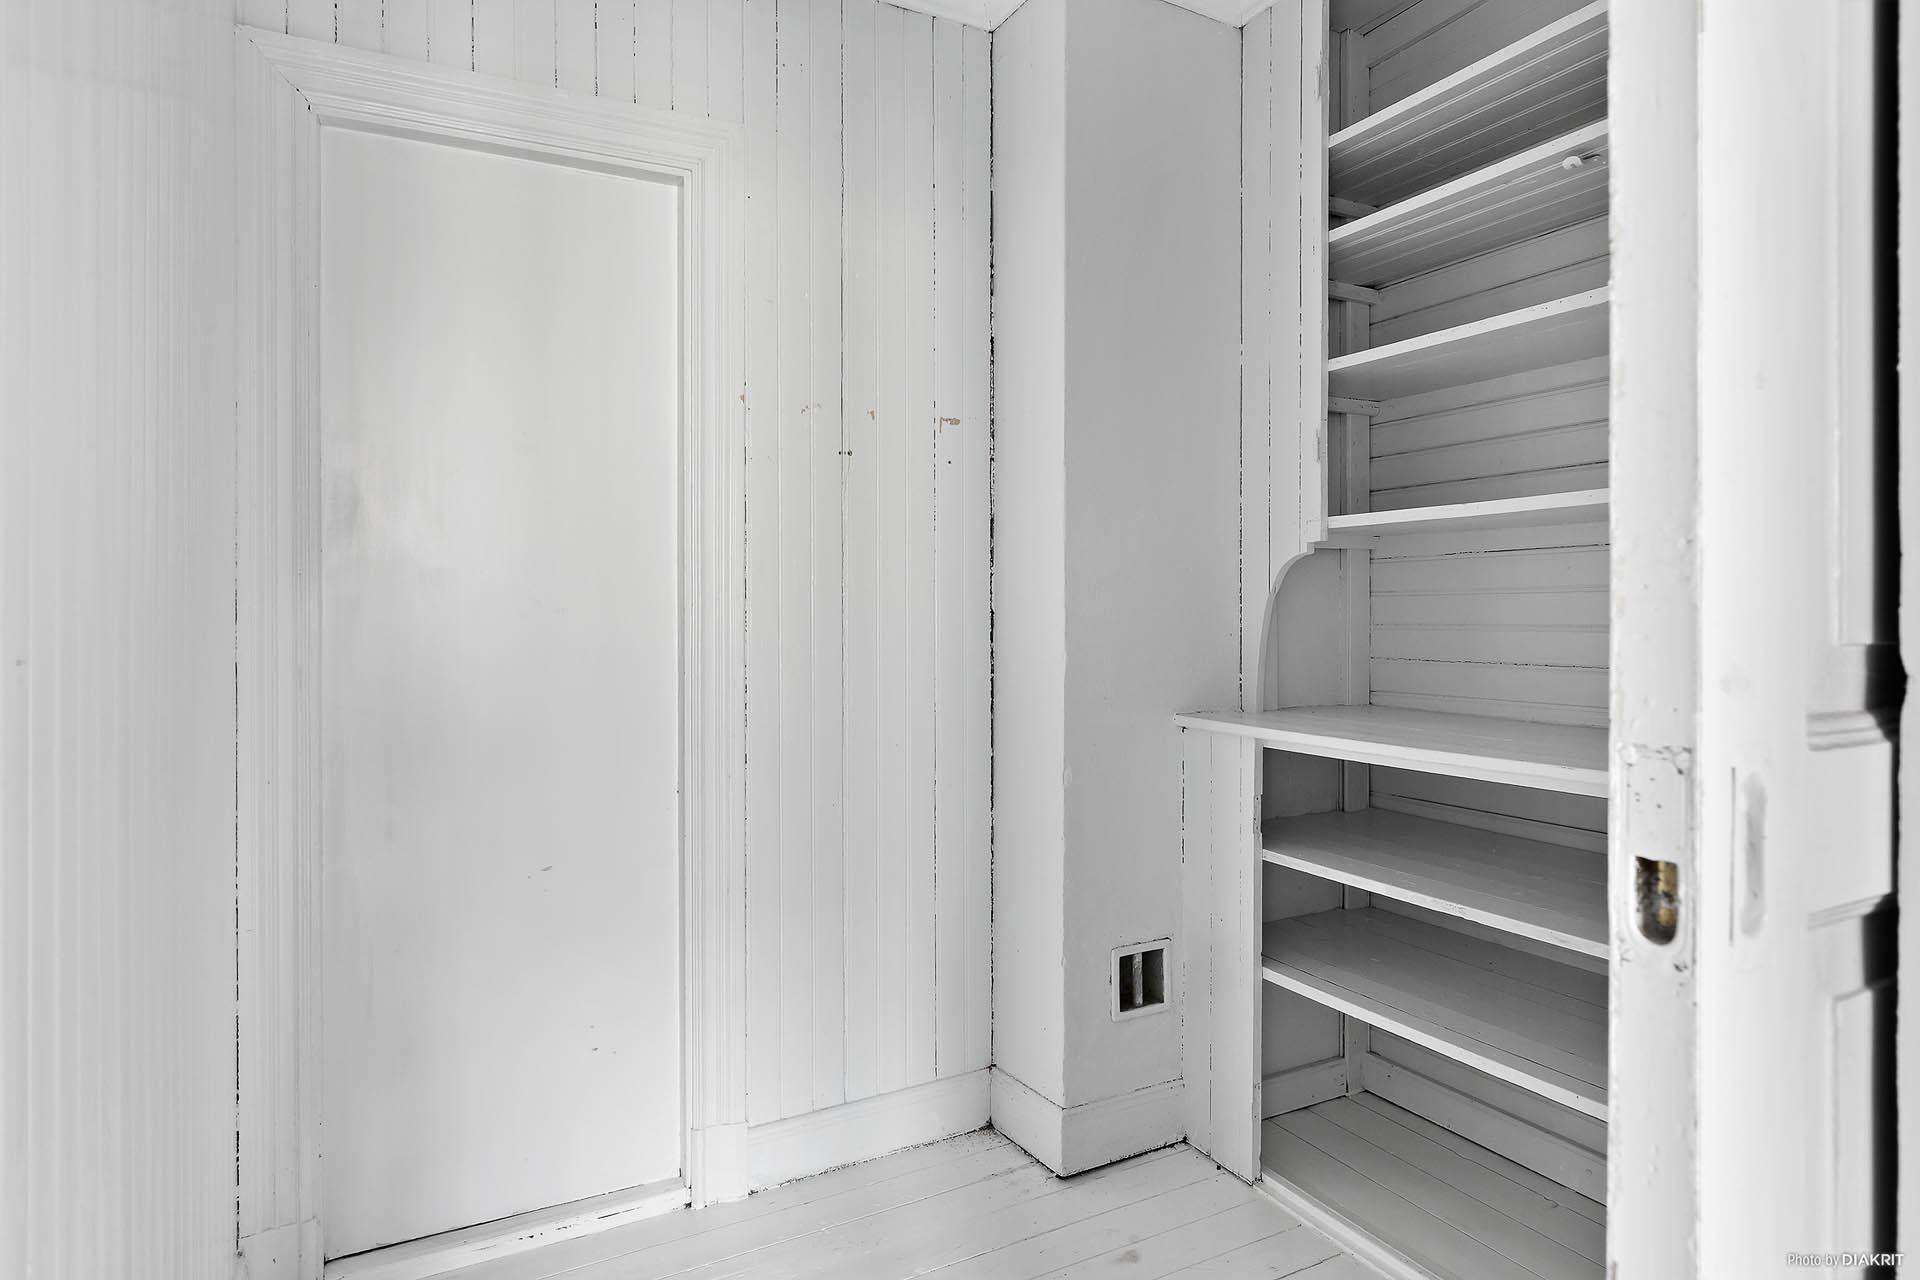 Walk-in-closet intill master bedroom